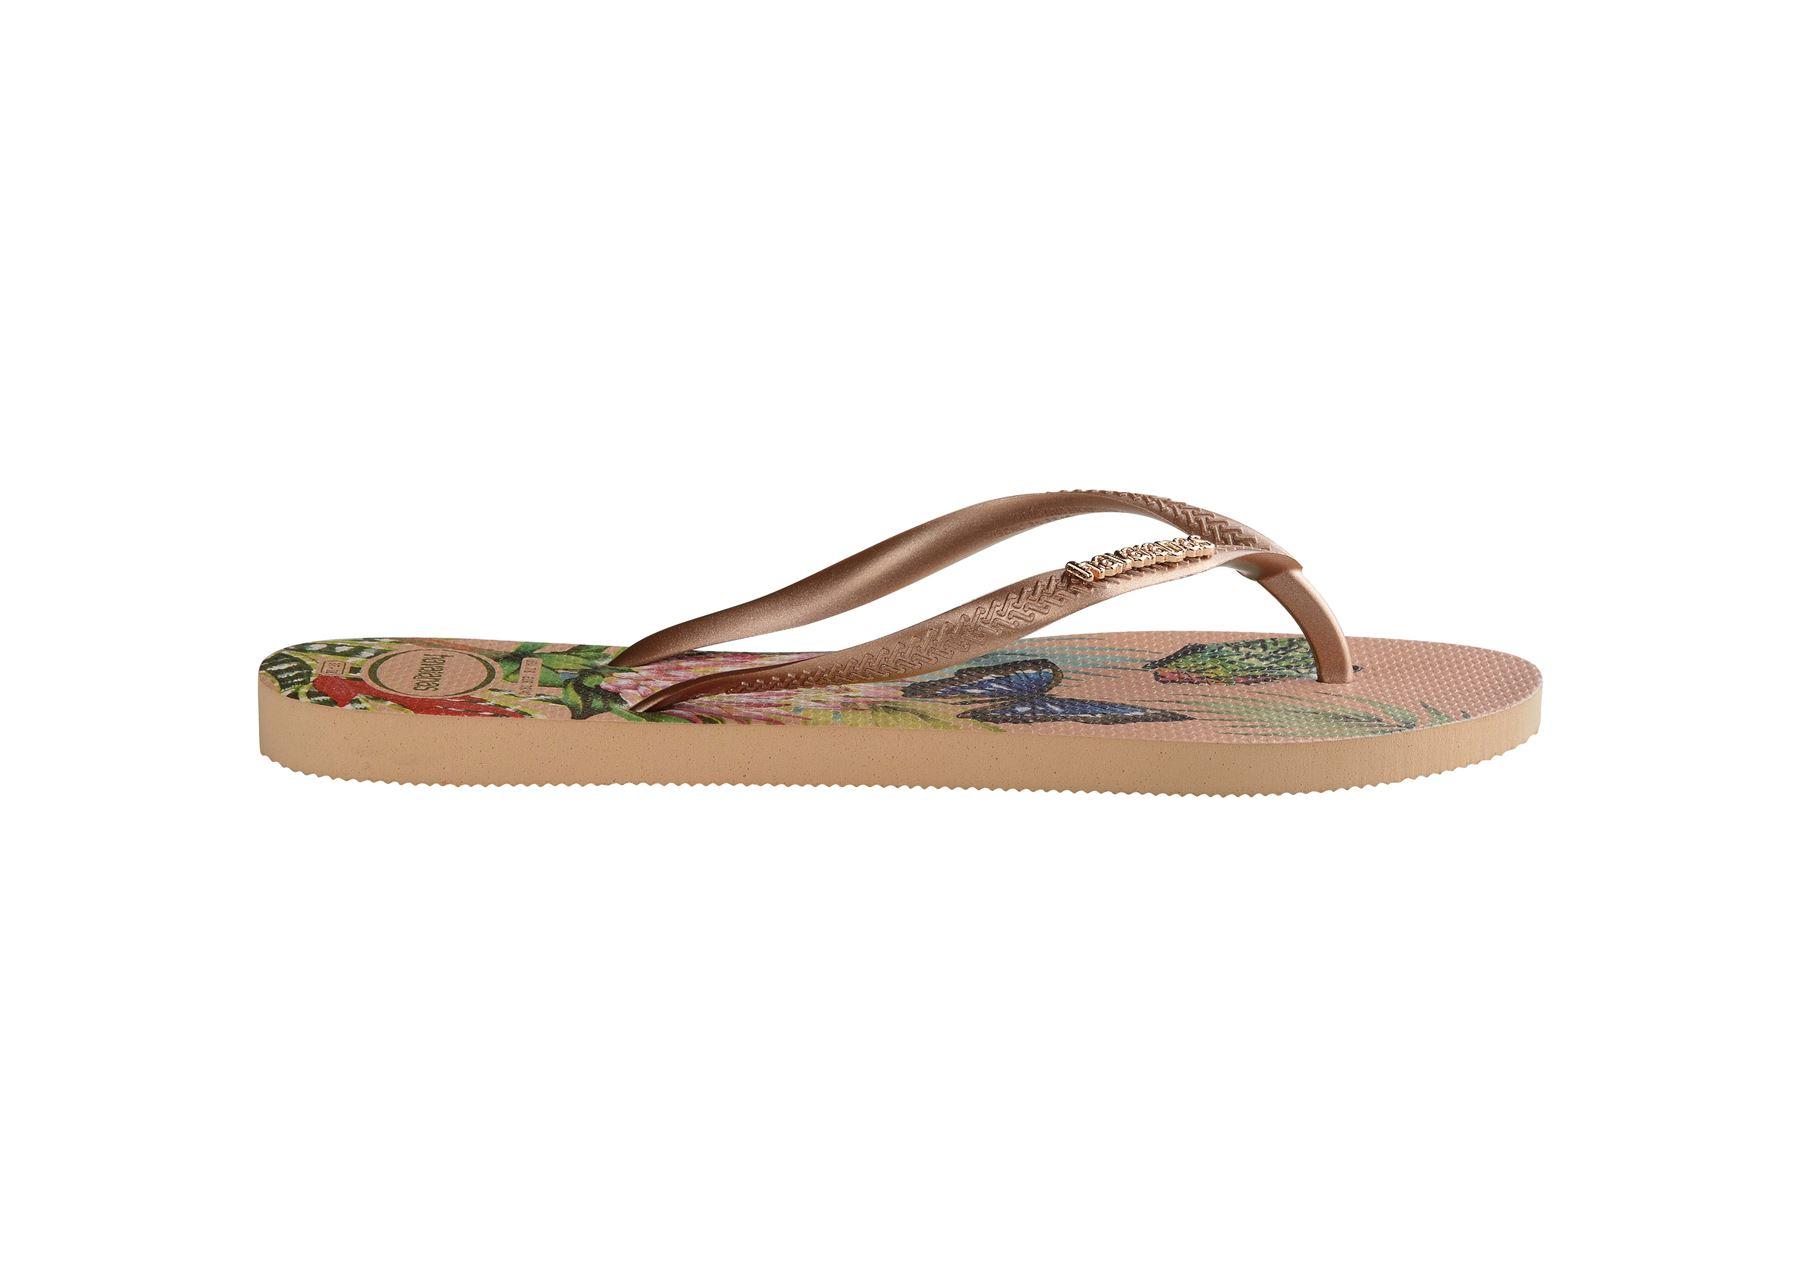 Havaianas-Slim-Tropical-amp-Imprime-Floral-Tongs-Ete-Plage-Piscine-Sandales miniature 11